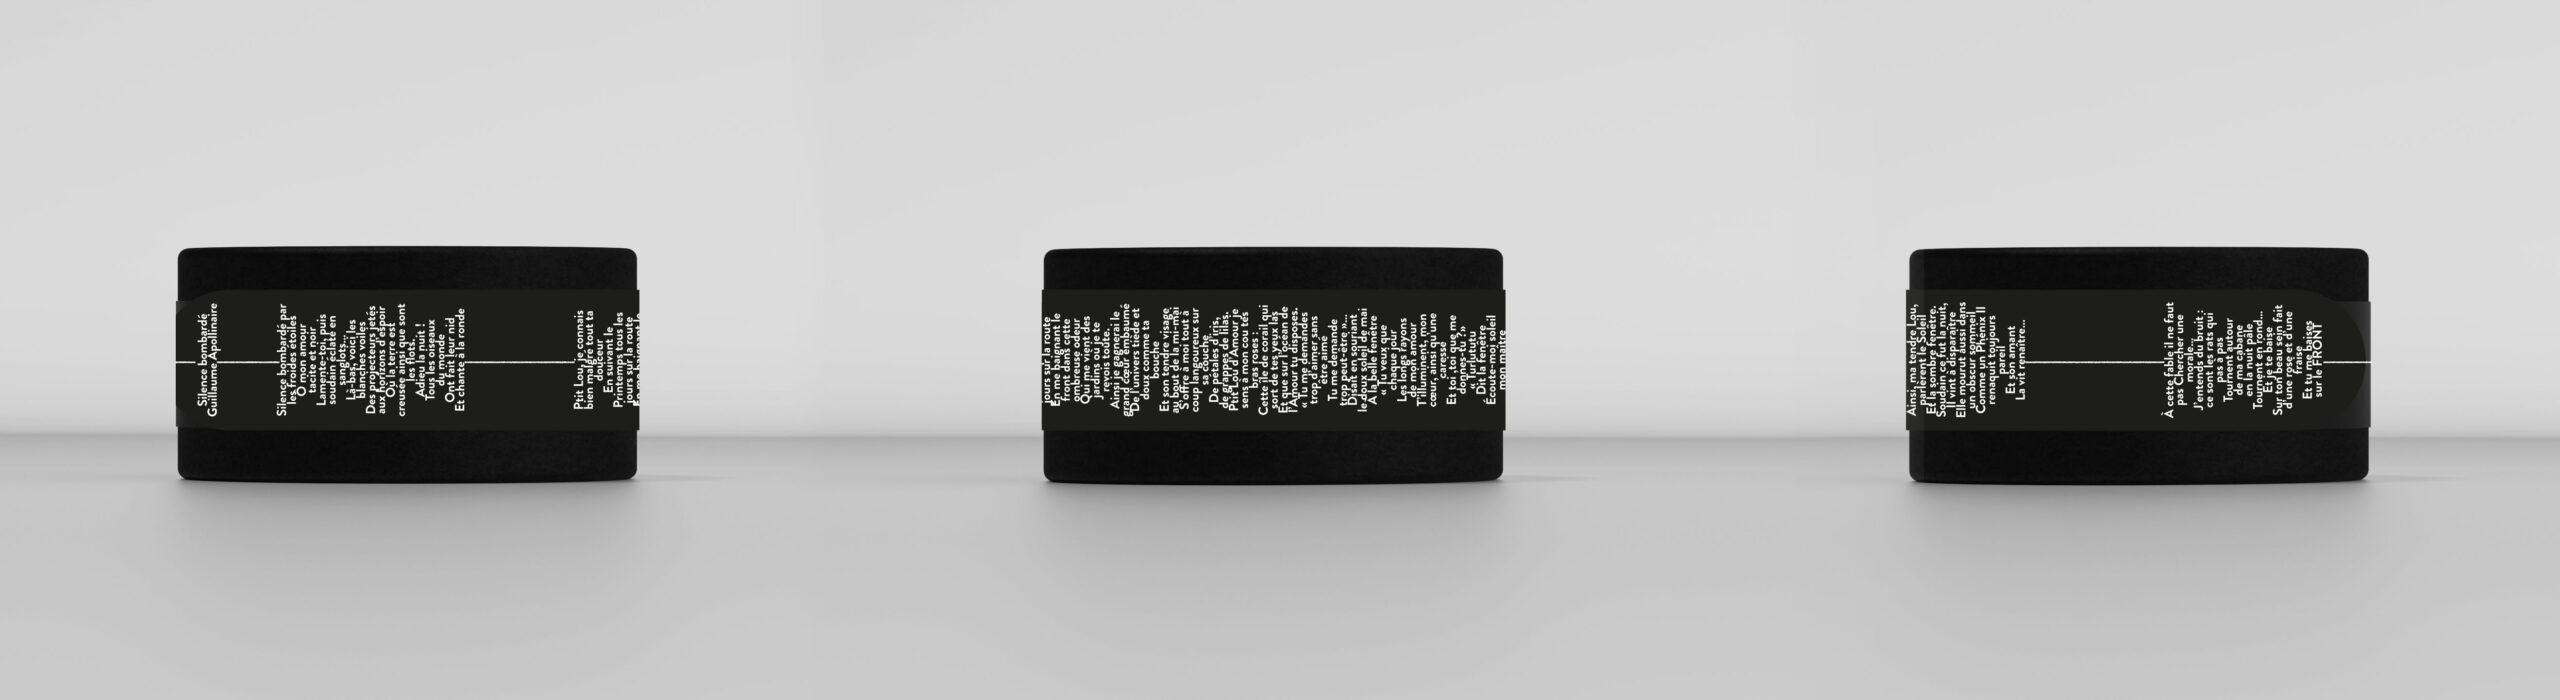 Remote-Packaging_Flipper_Front-3D-silence-bombardé-texte-centré-2